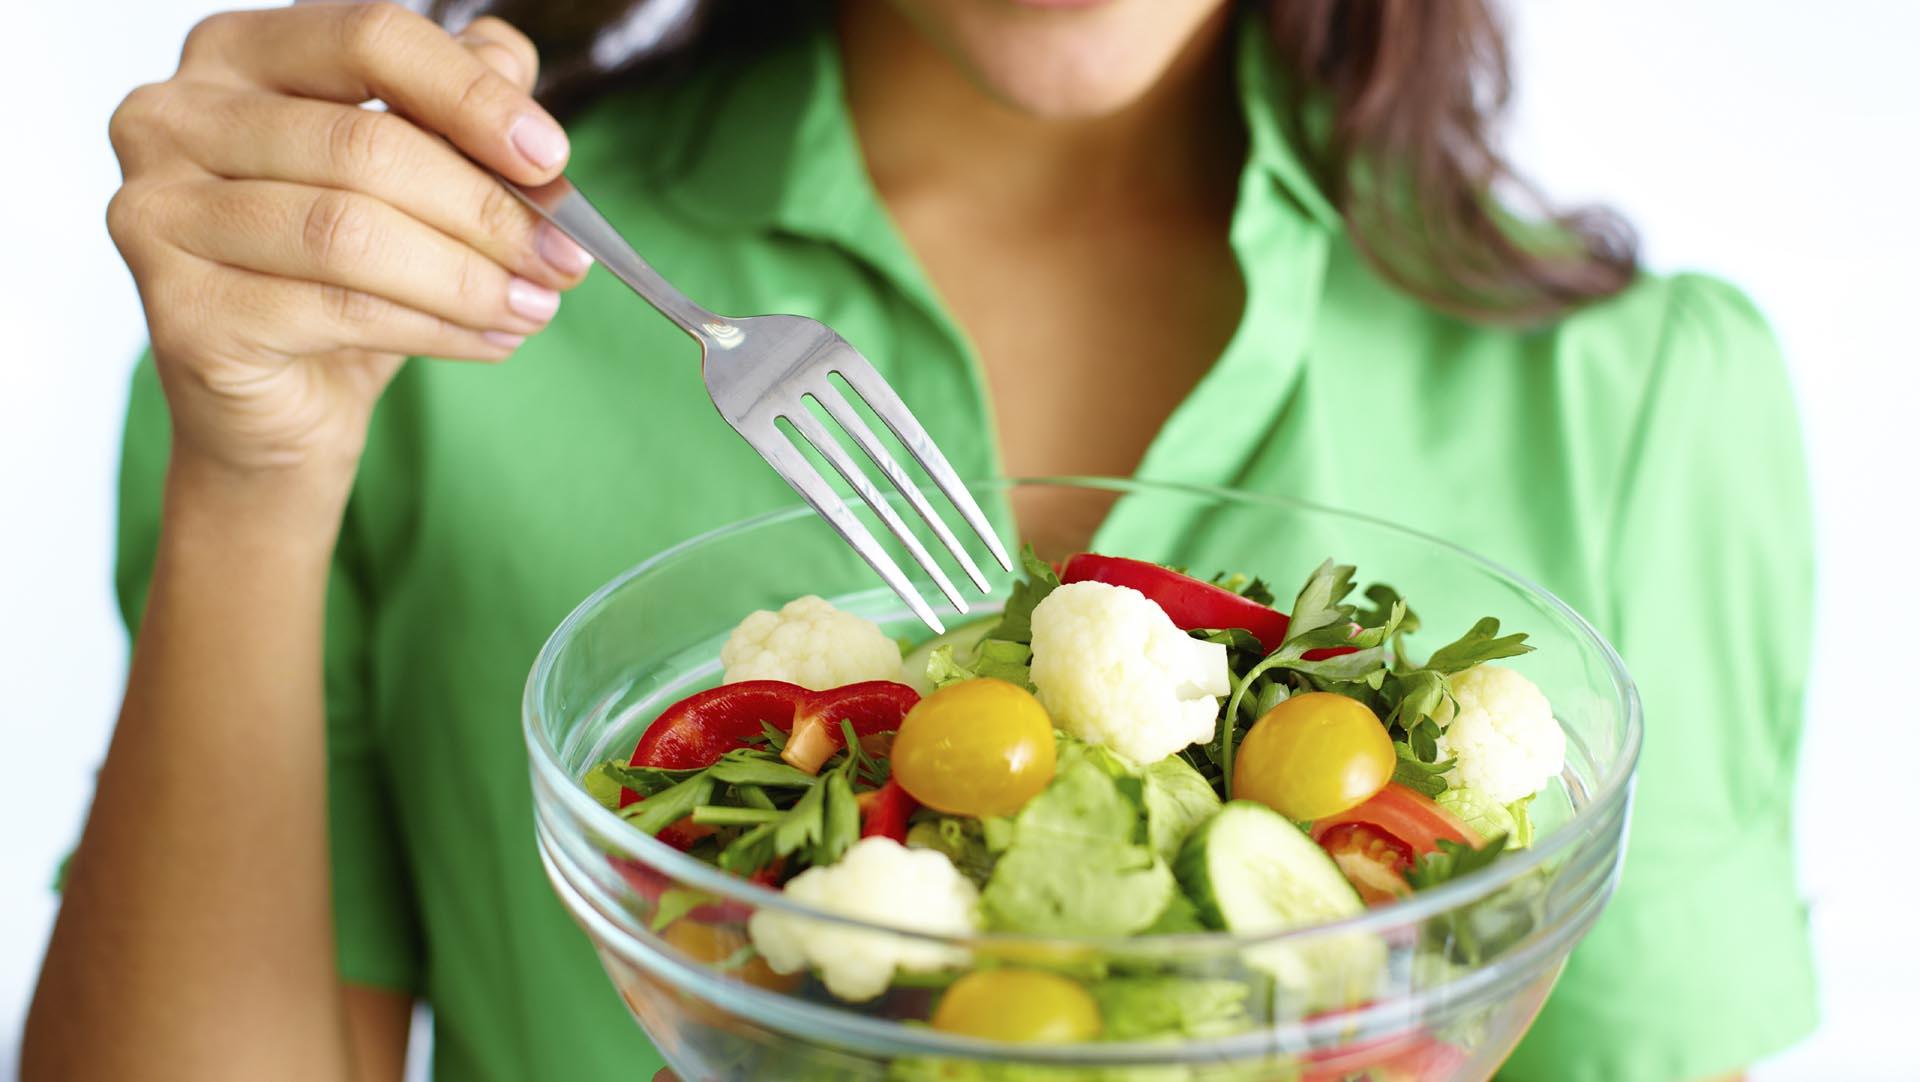 Lo más recomendable para prevenir infecciones se debe consumir alimentos que mejoren las defensas